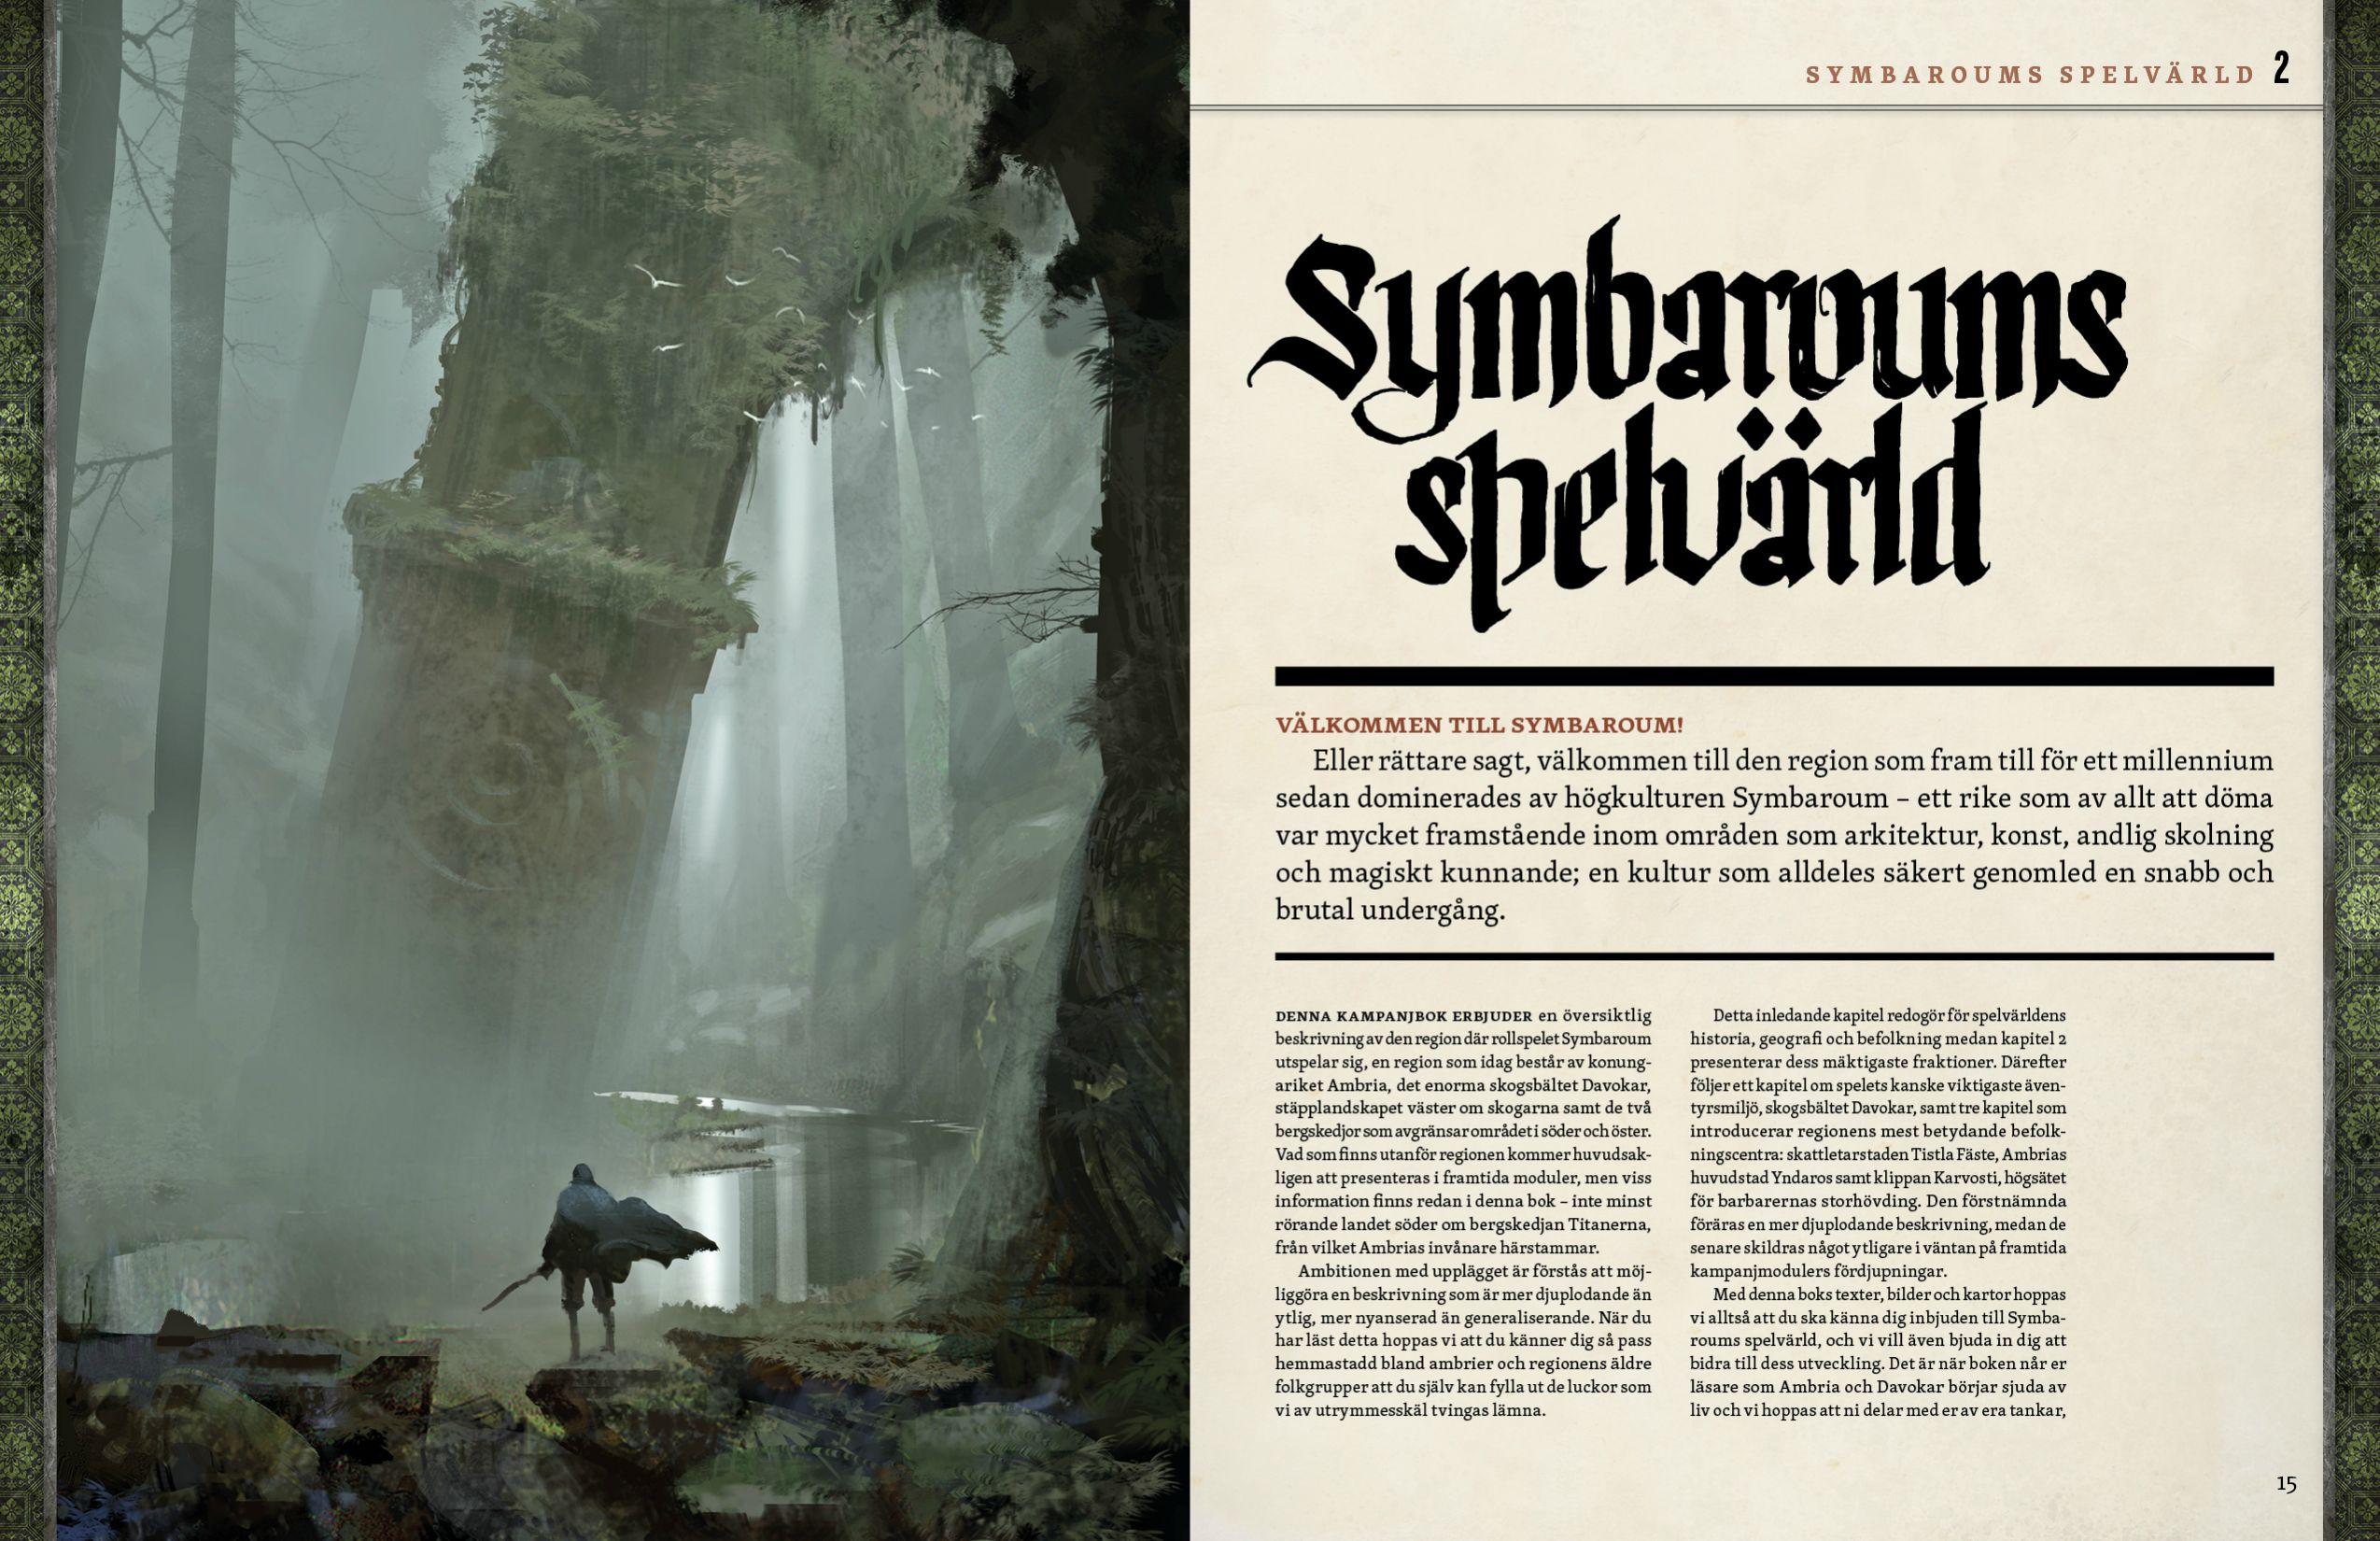 04 - The Symbaroum world